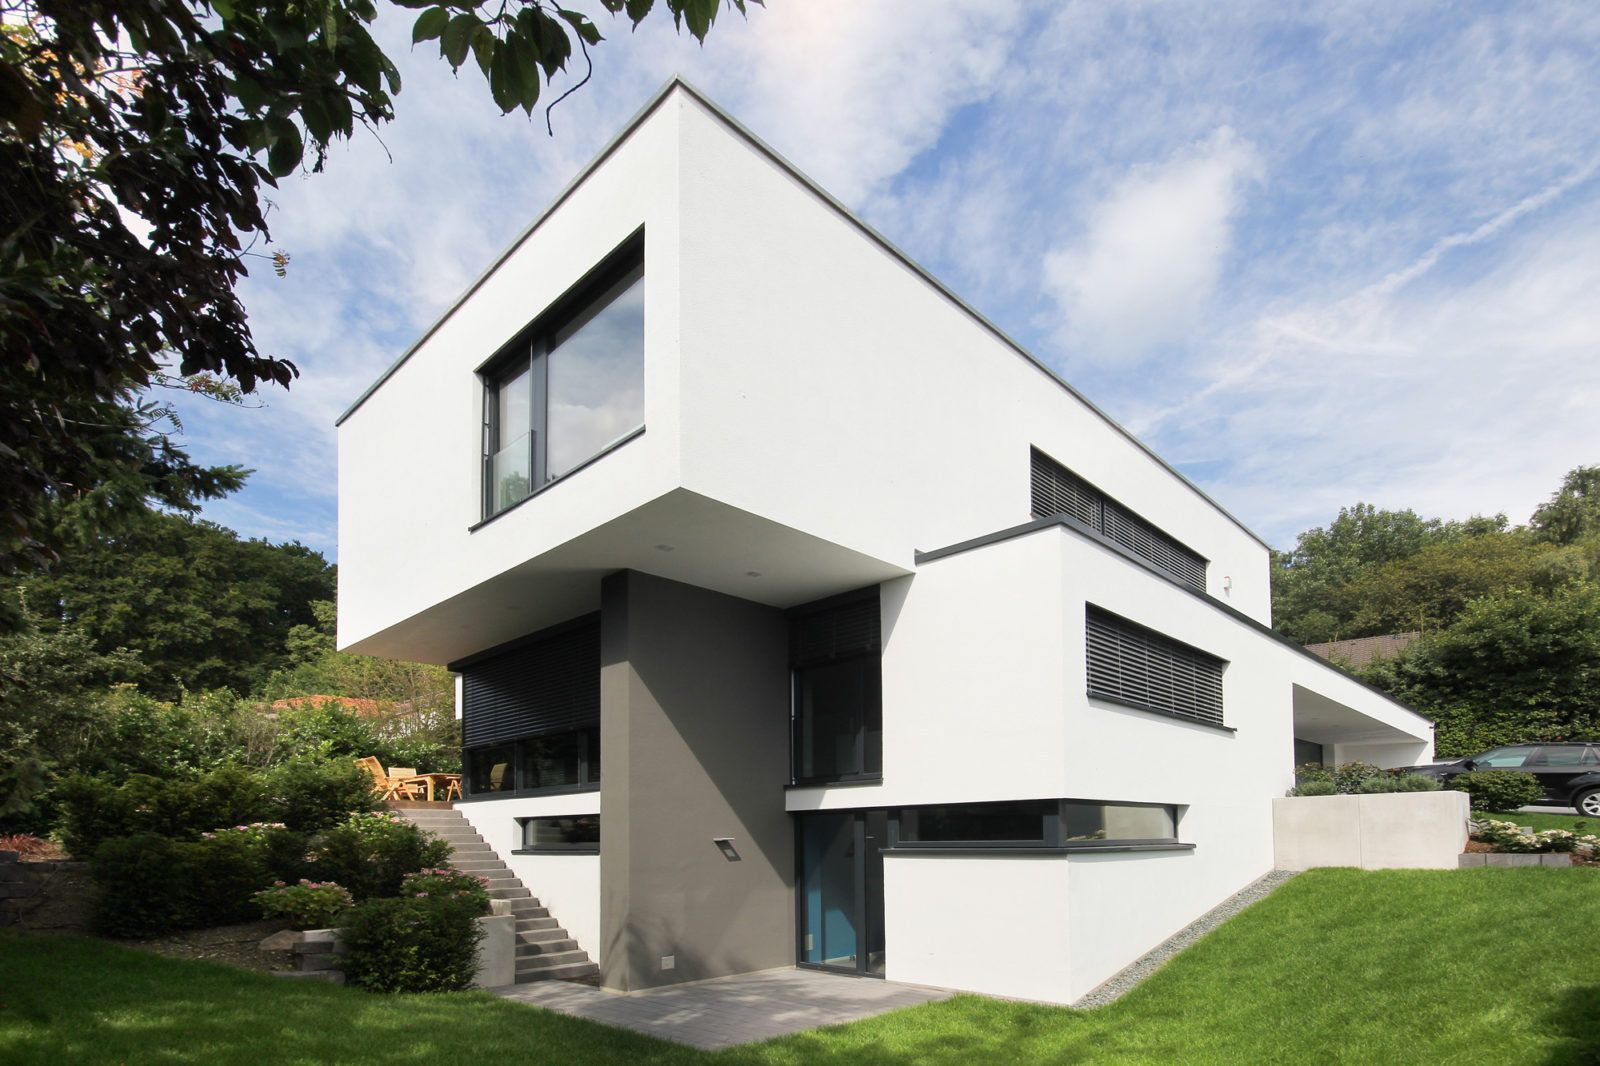 Moderne häuser neubau  Architektenhaus in Königstein bauen - Flachdach | Bauhaus ...